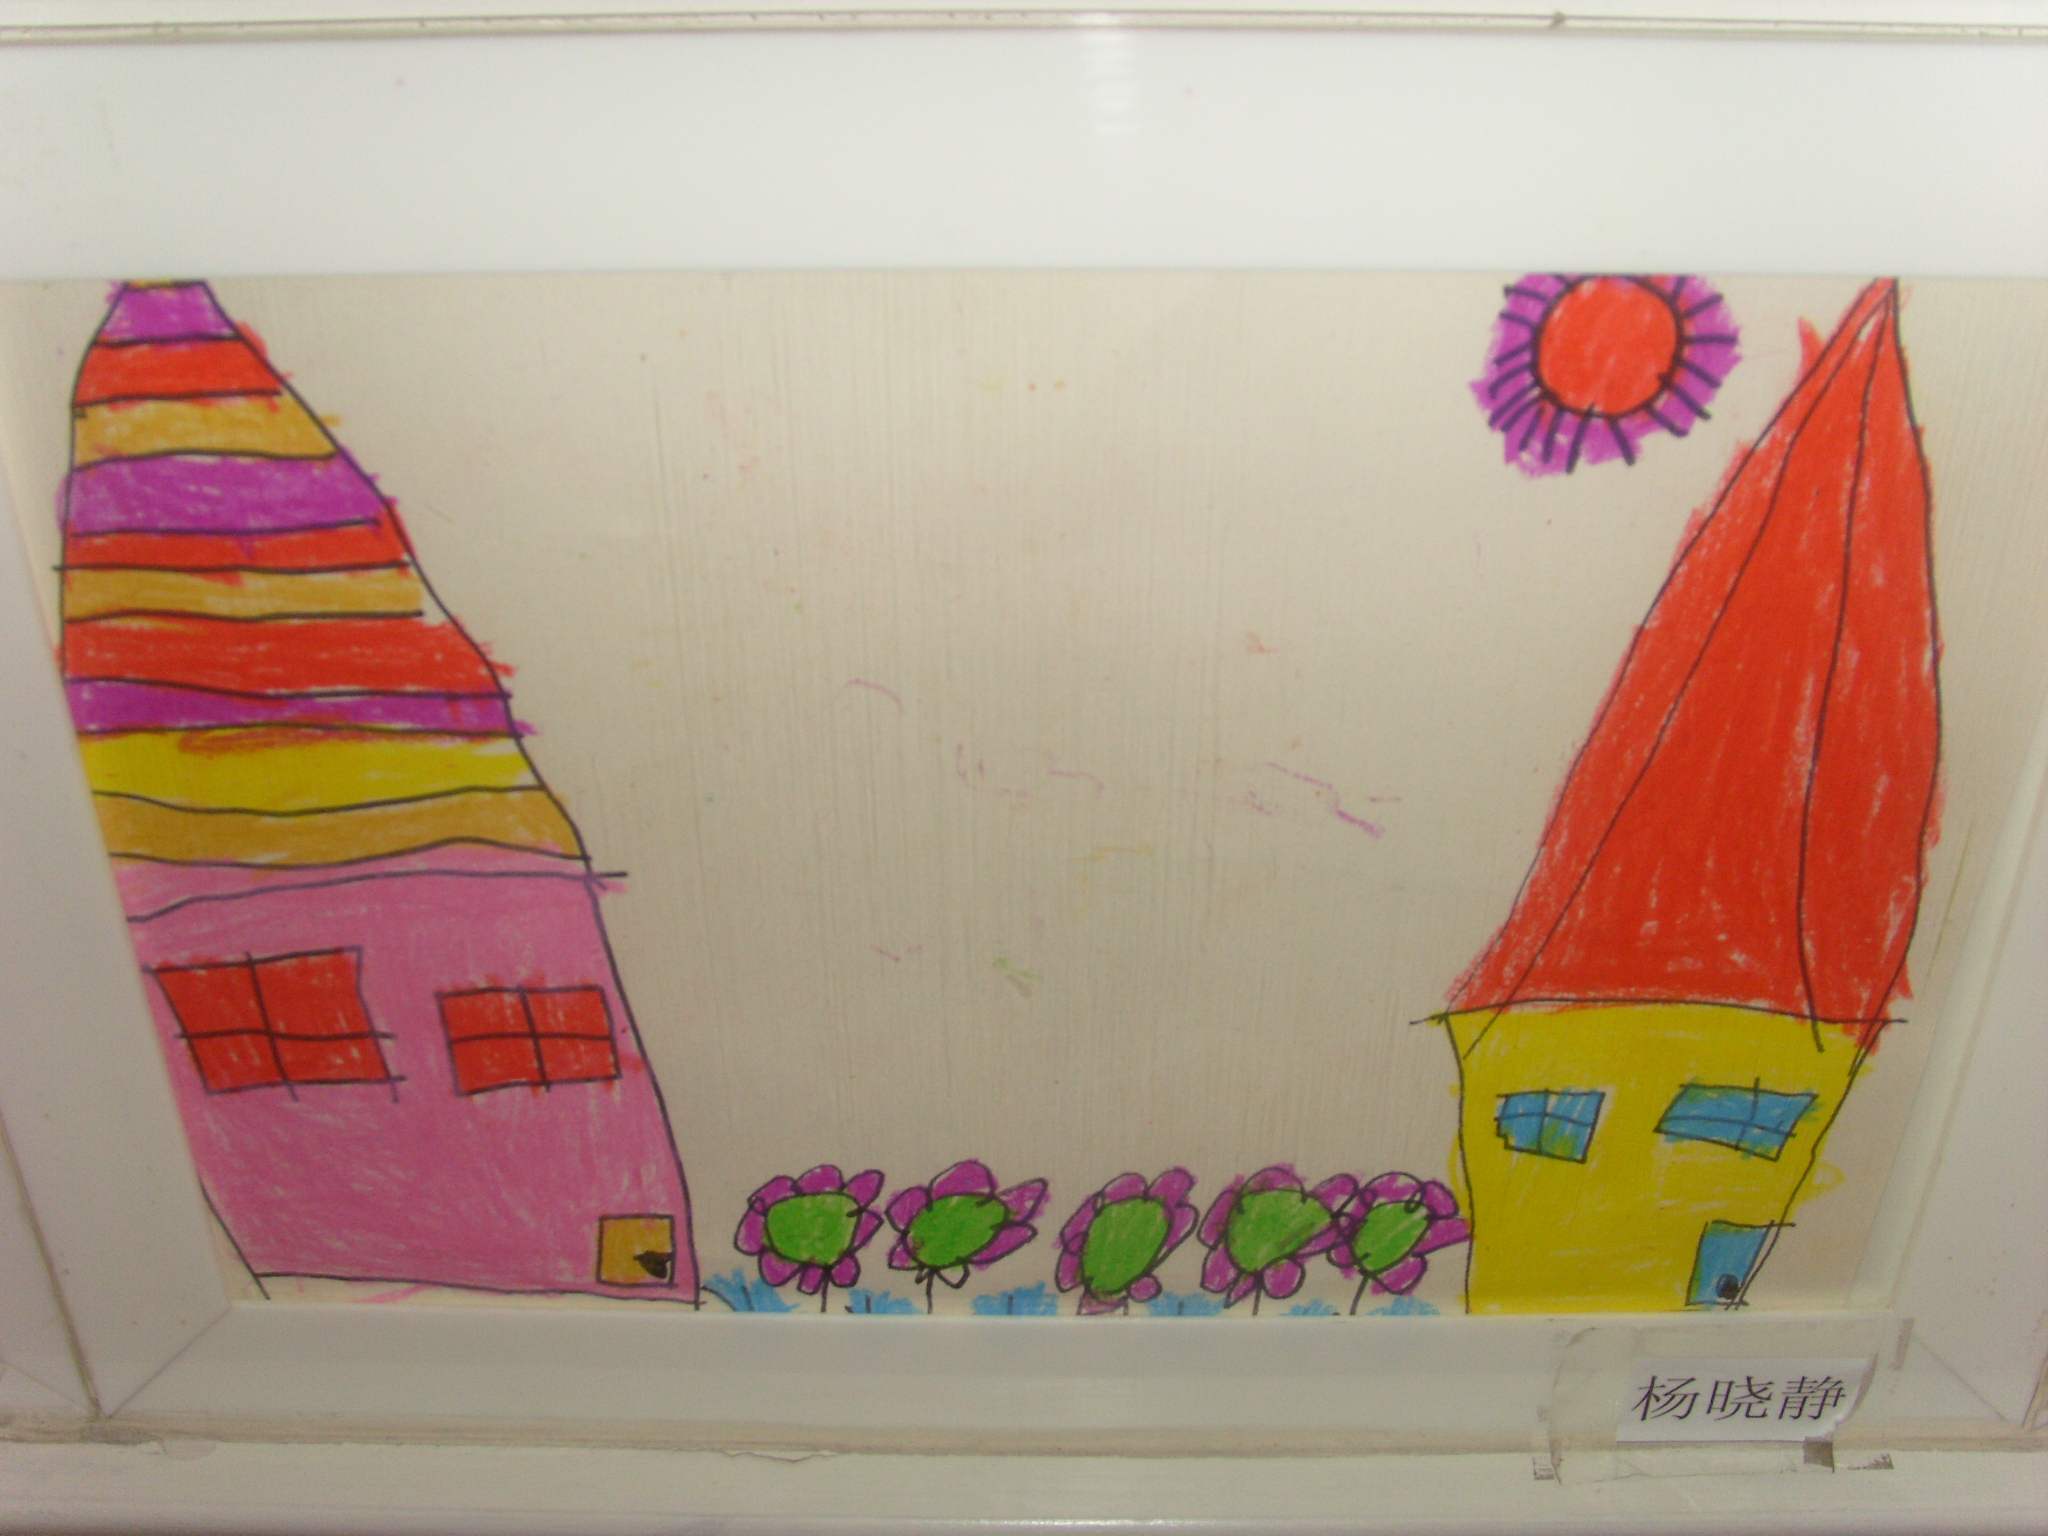 宝贝的两幢房子屋顶都是三角形的哦,下次可以试试不同形状的屋顶.